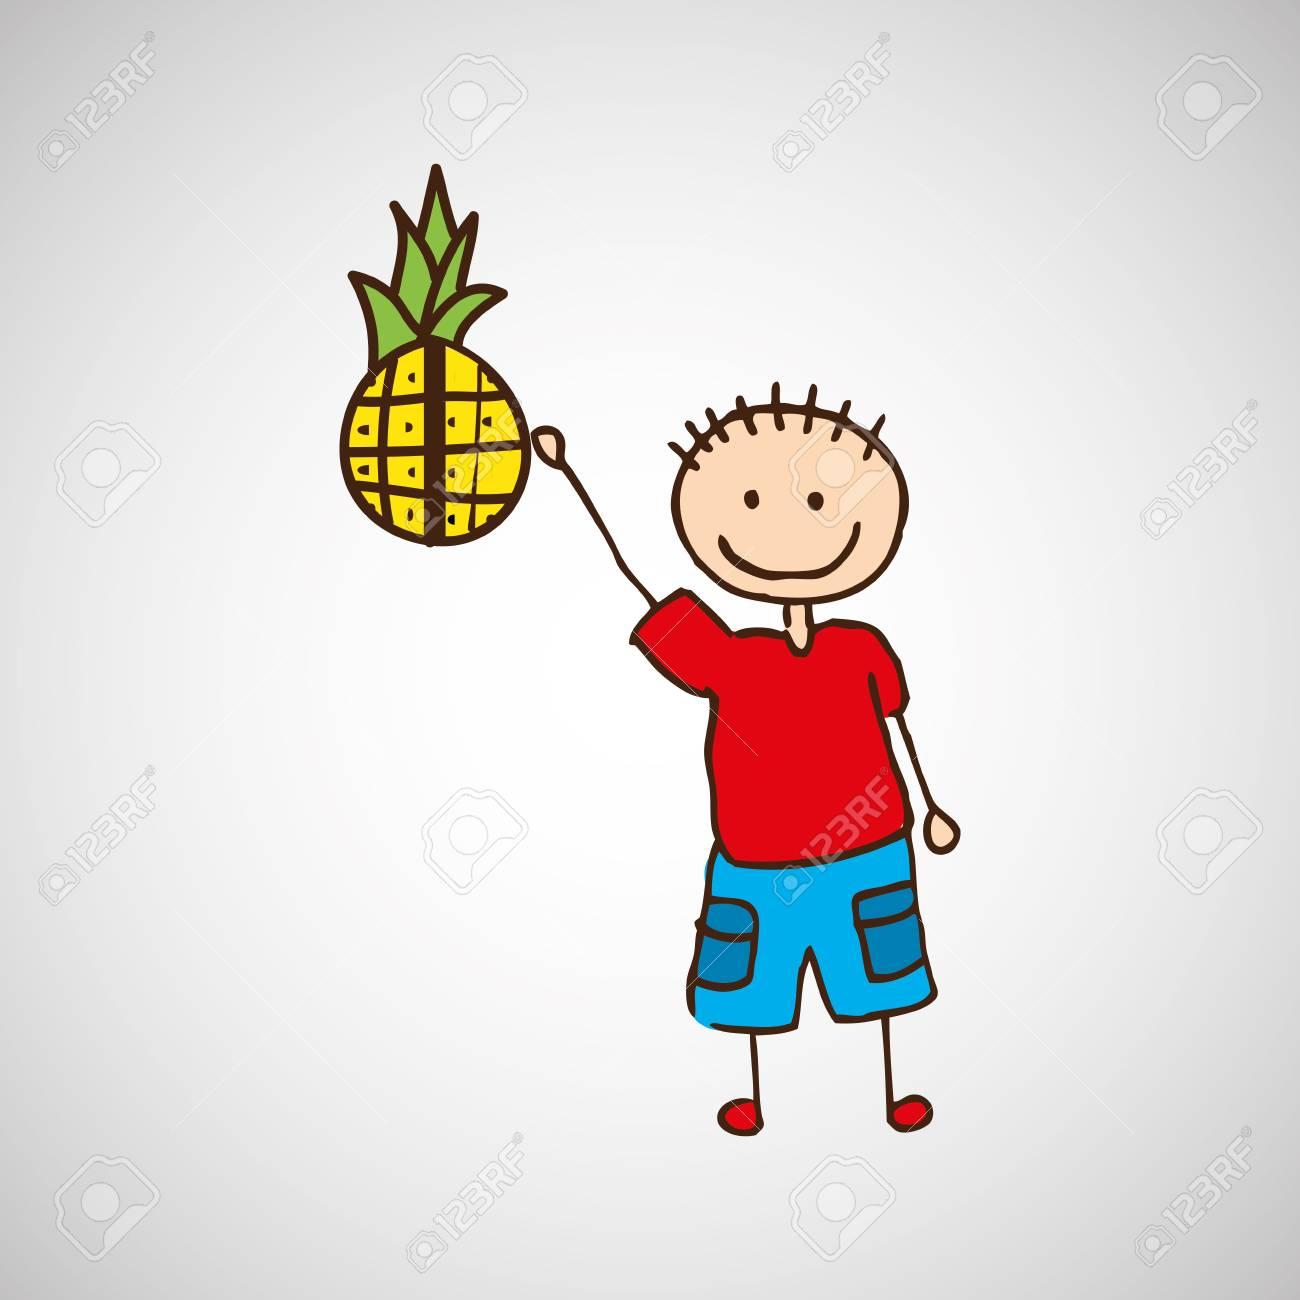 Frutas Natureza Alimentar Saudavel Dos Desenhos Animados Com